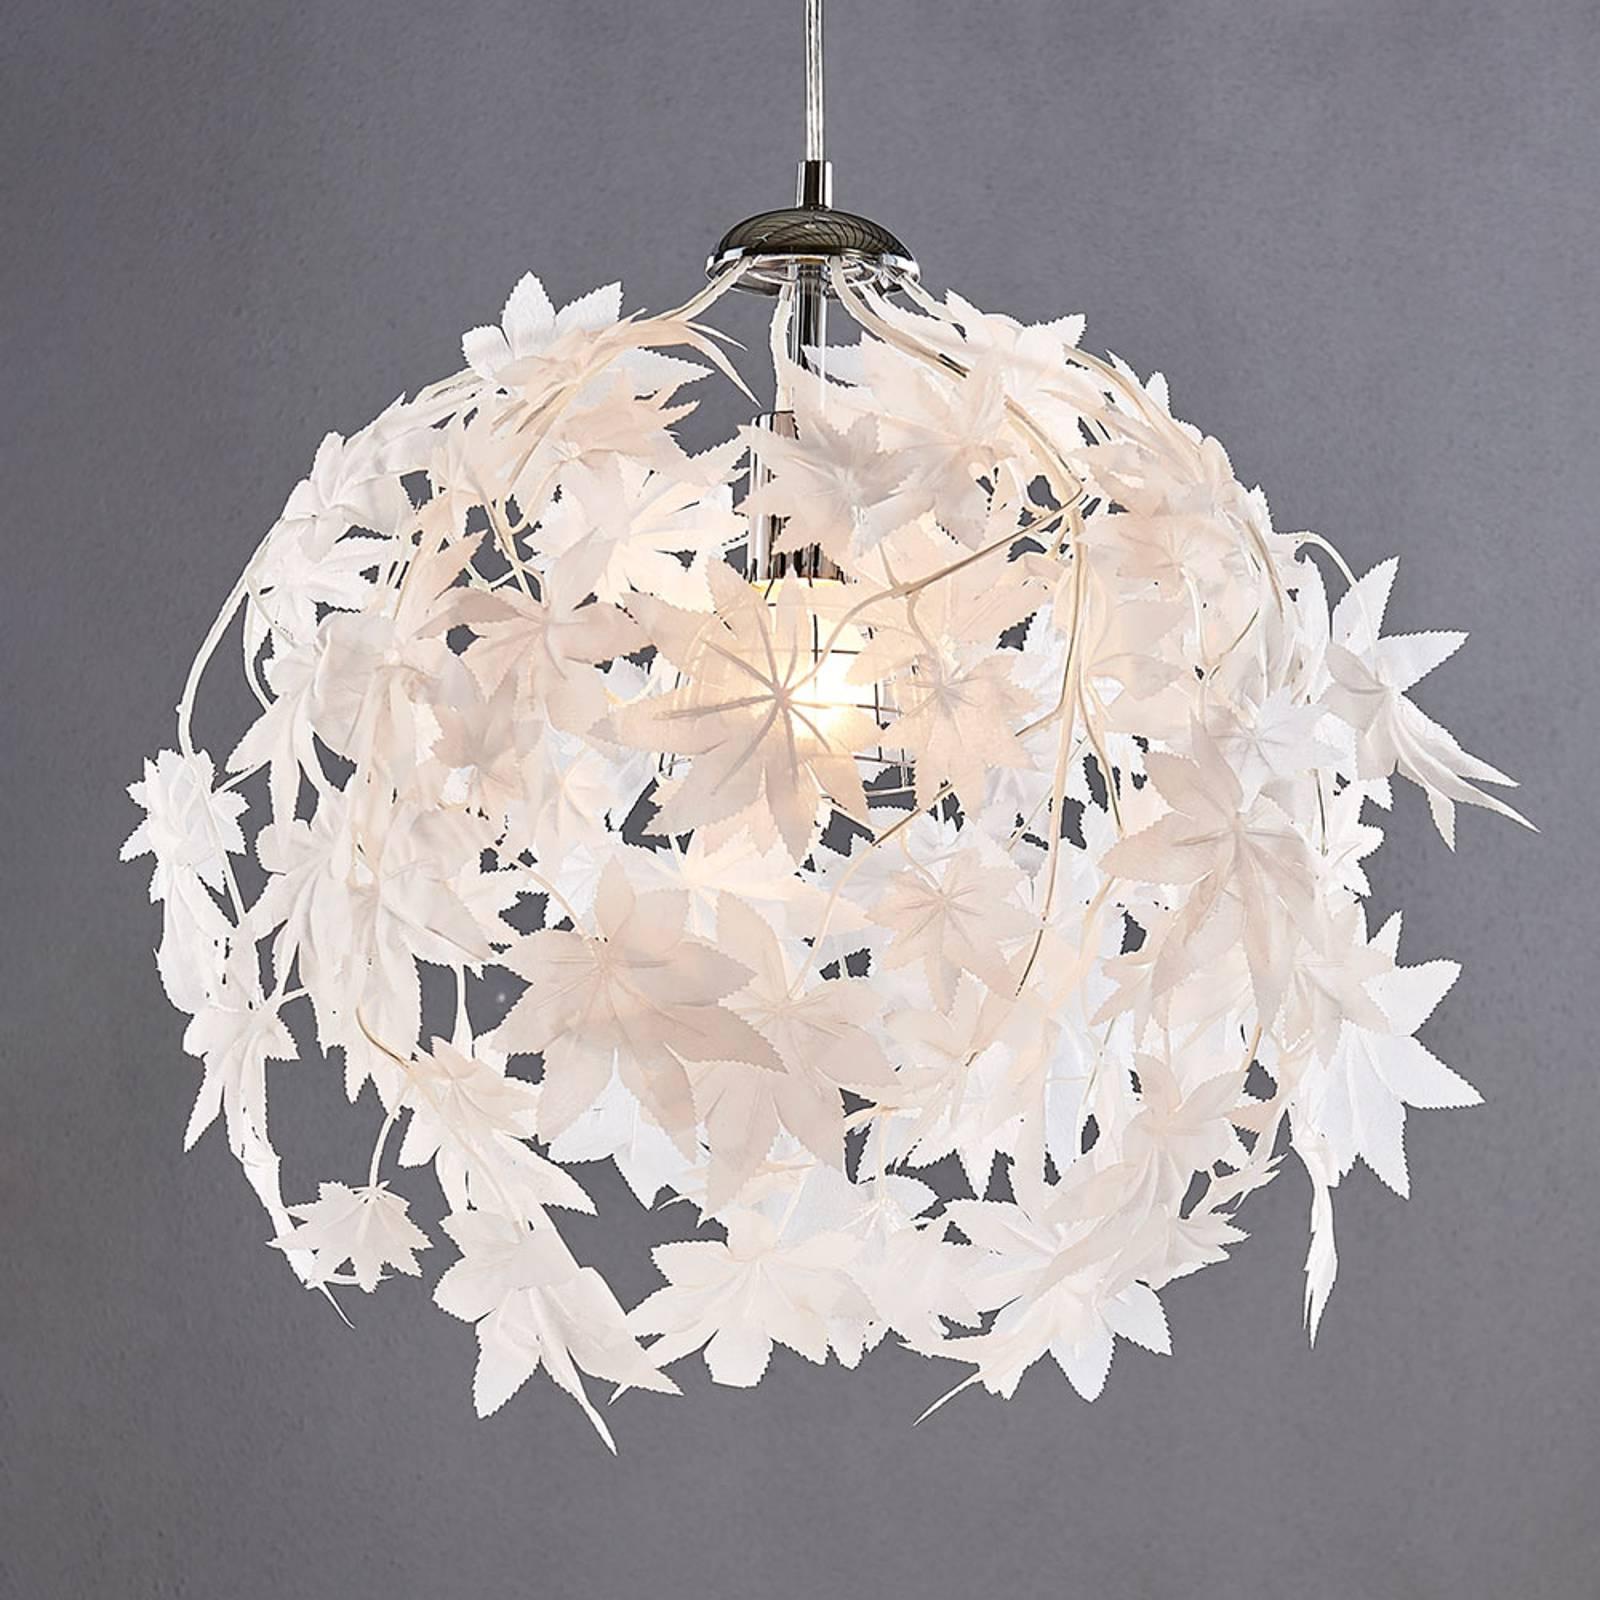 Hanglamp Maple met bladmotief